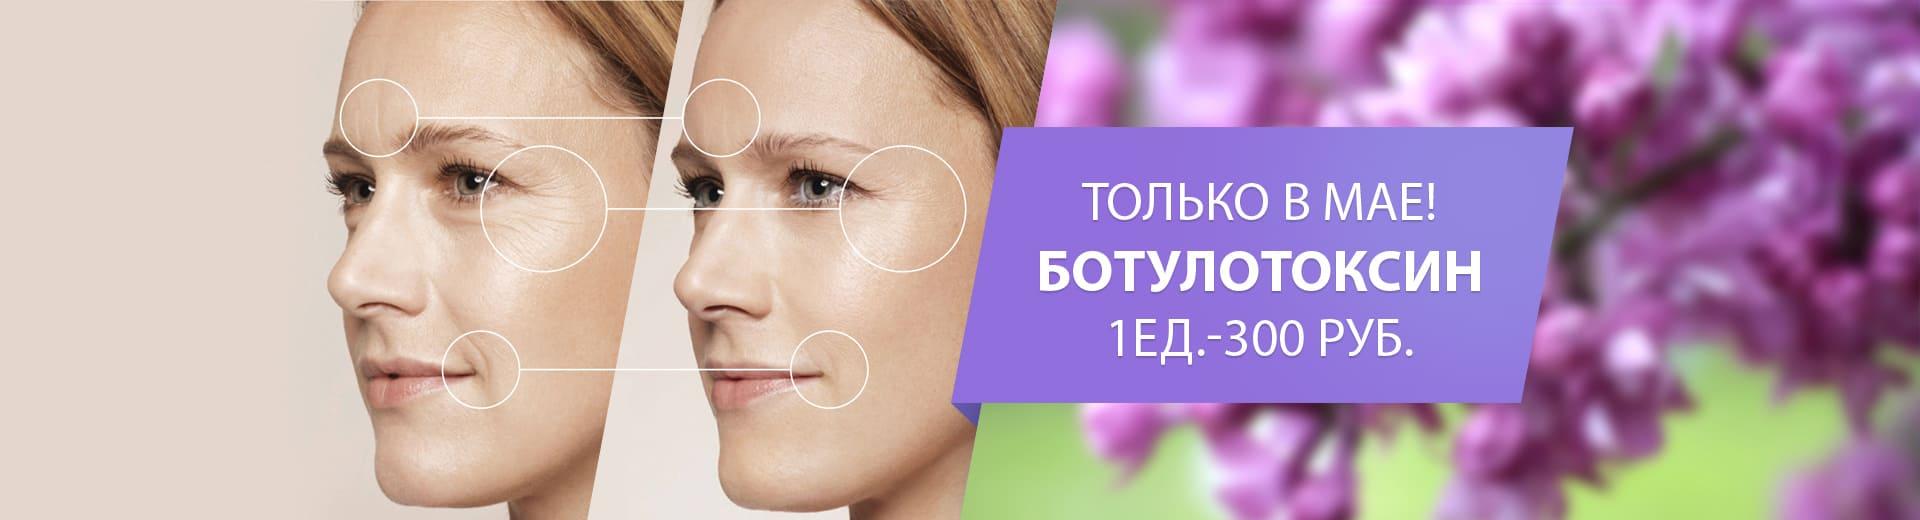 Только в мае - ботулотоксин - 1ед.-300 руб.